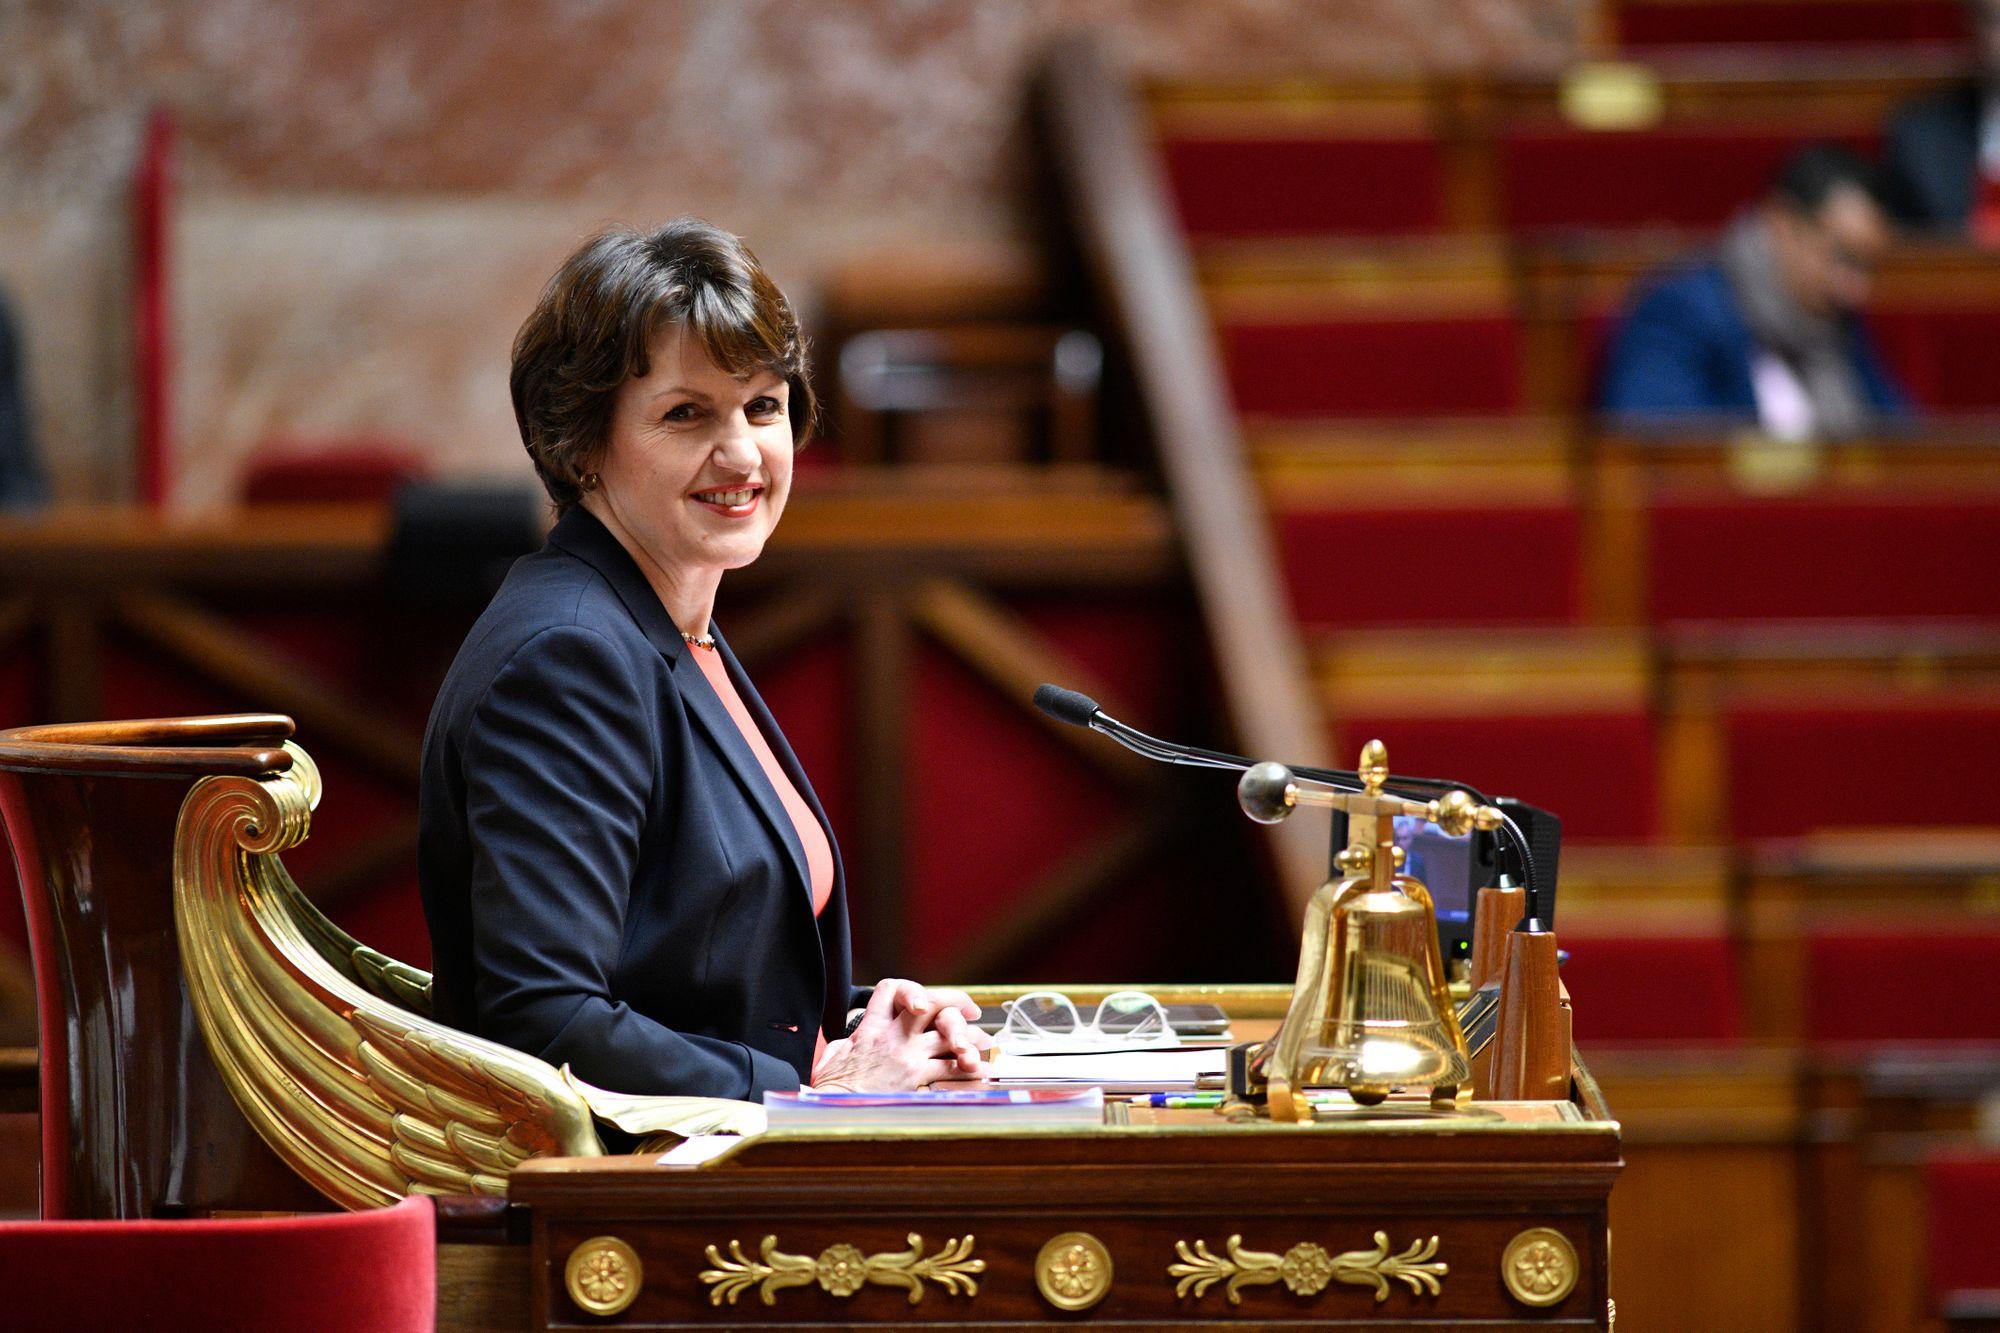 La députée Annie Genevard appelle à ce que le plan d'aide à l'économie s'adapte aux réalités quotidiennes des Français